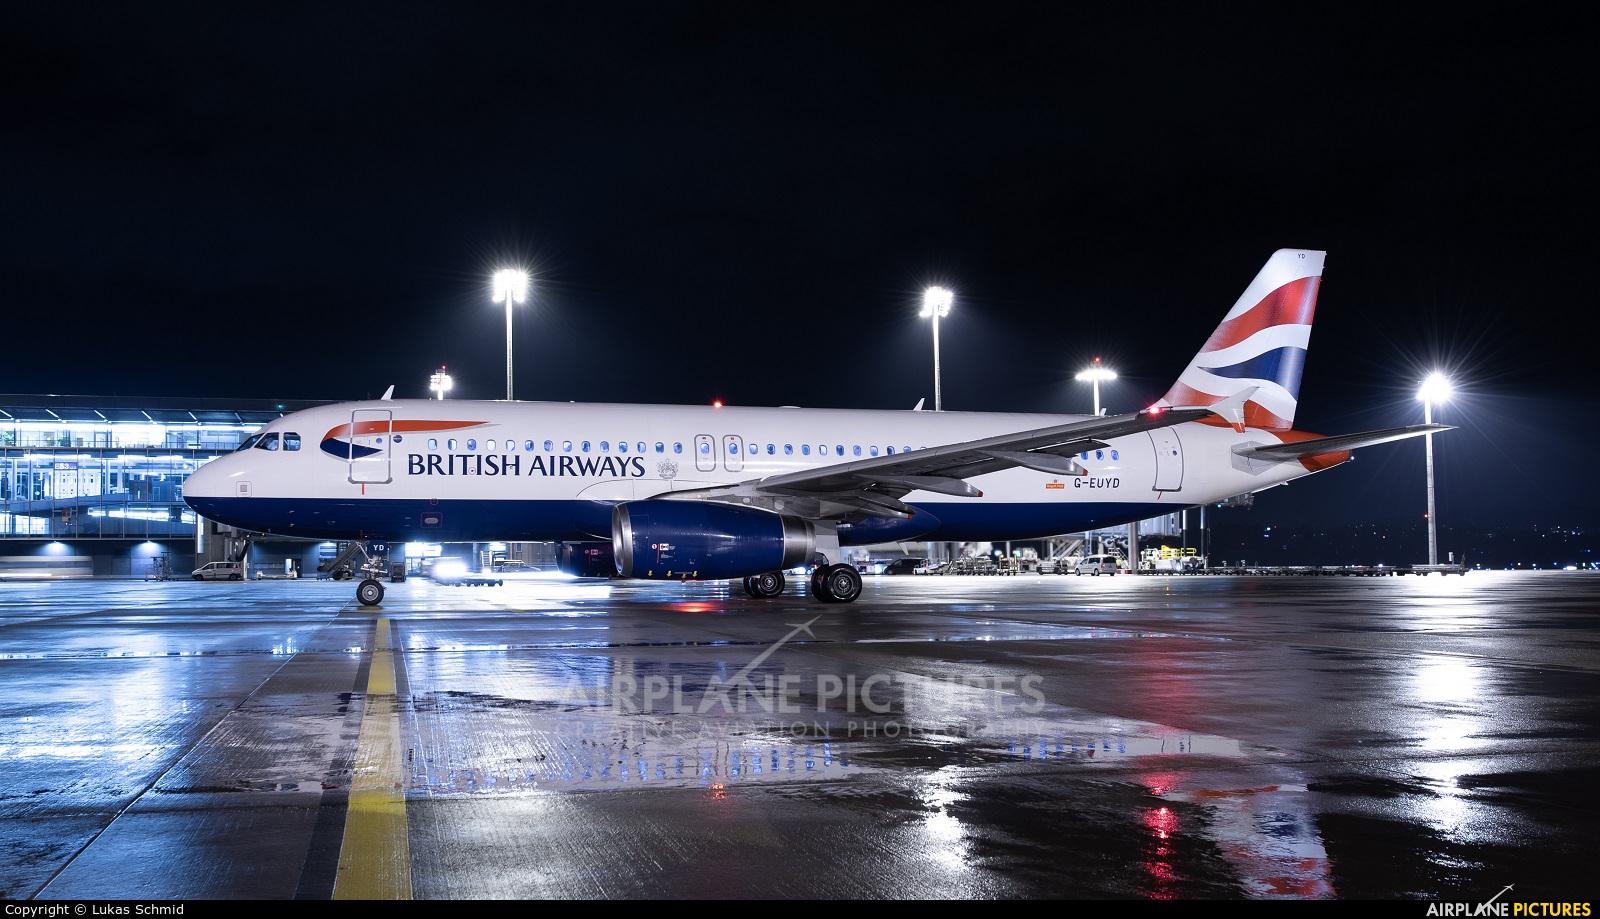 British Airways G-EUYD aircraft at Zurich